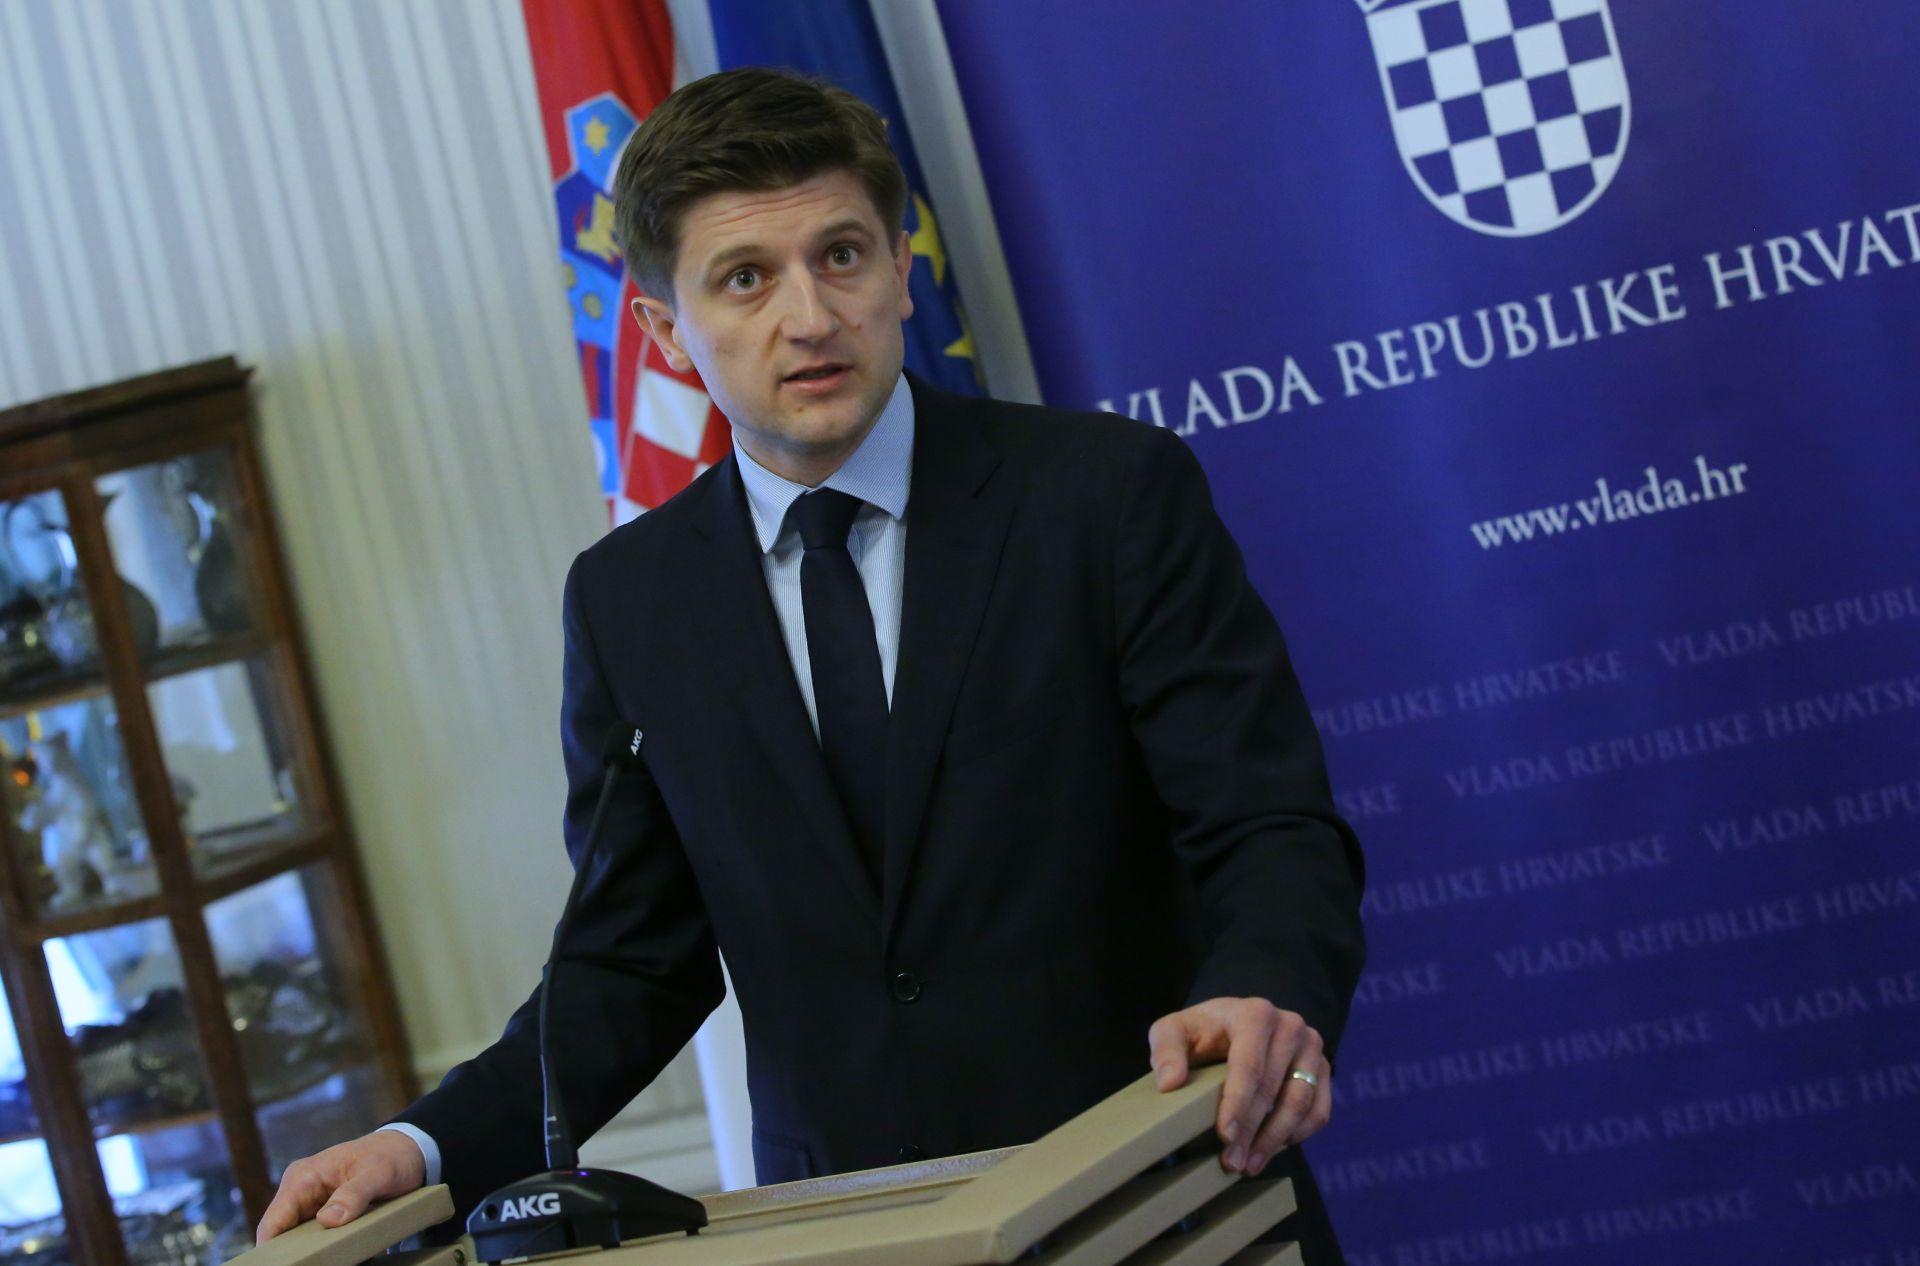 """MINISTAR MARIĆ: Predloženi proračun za iduću godinu je """"dobar i realan"""", u skladu s mogućnostima"""